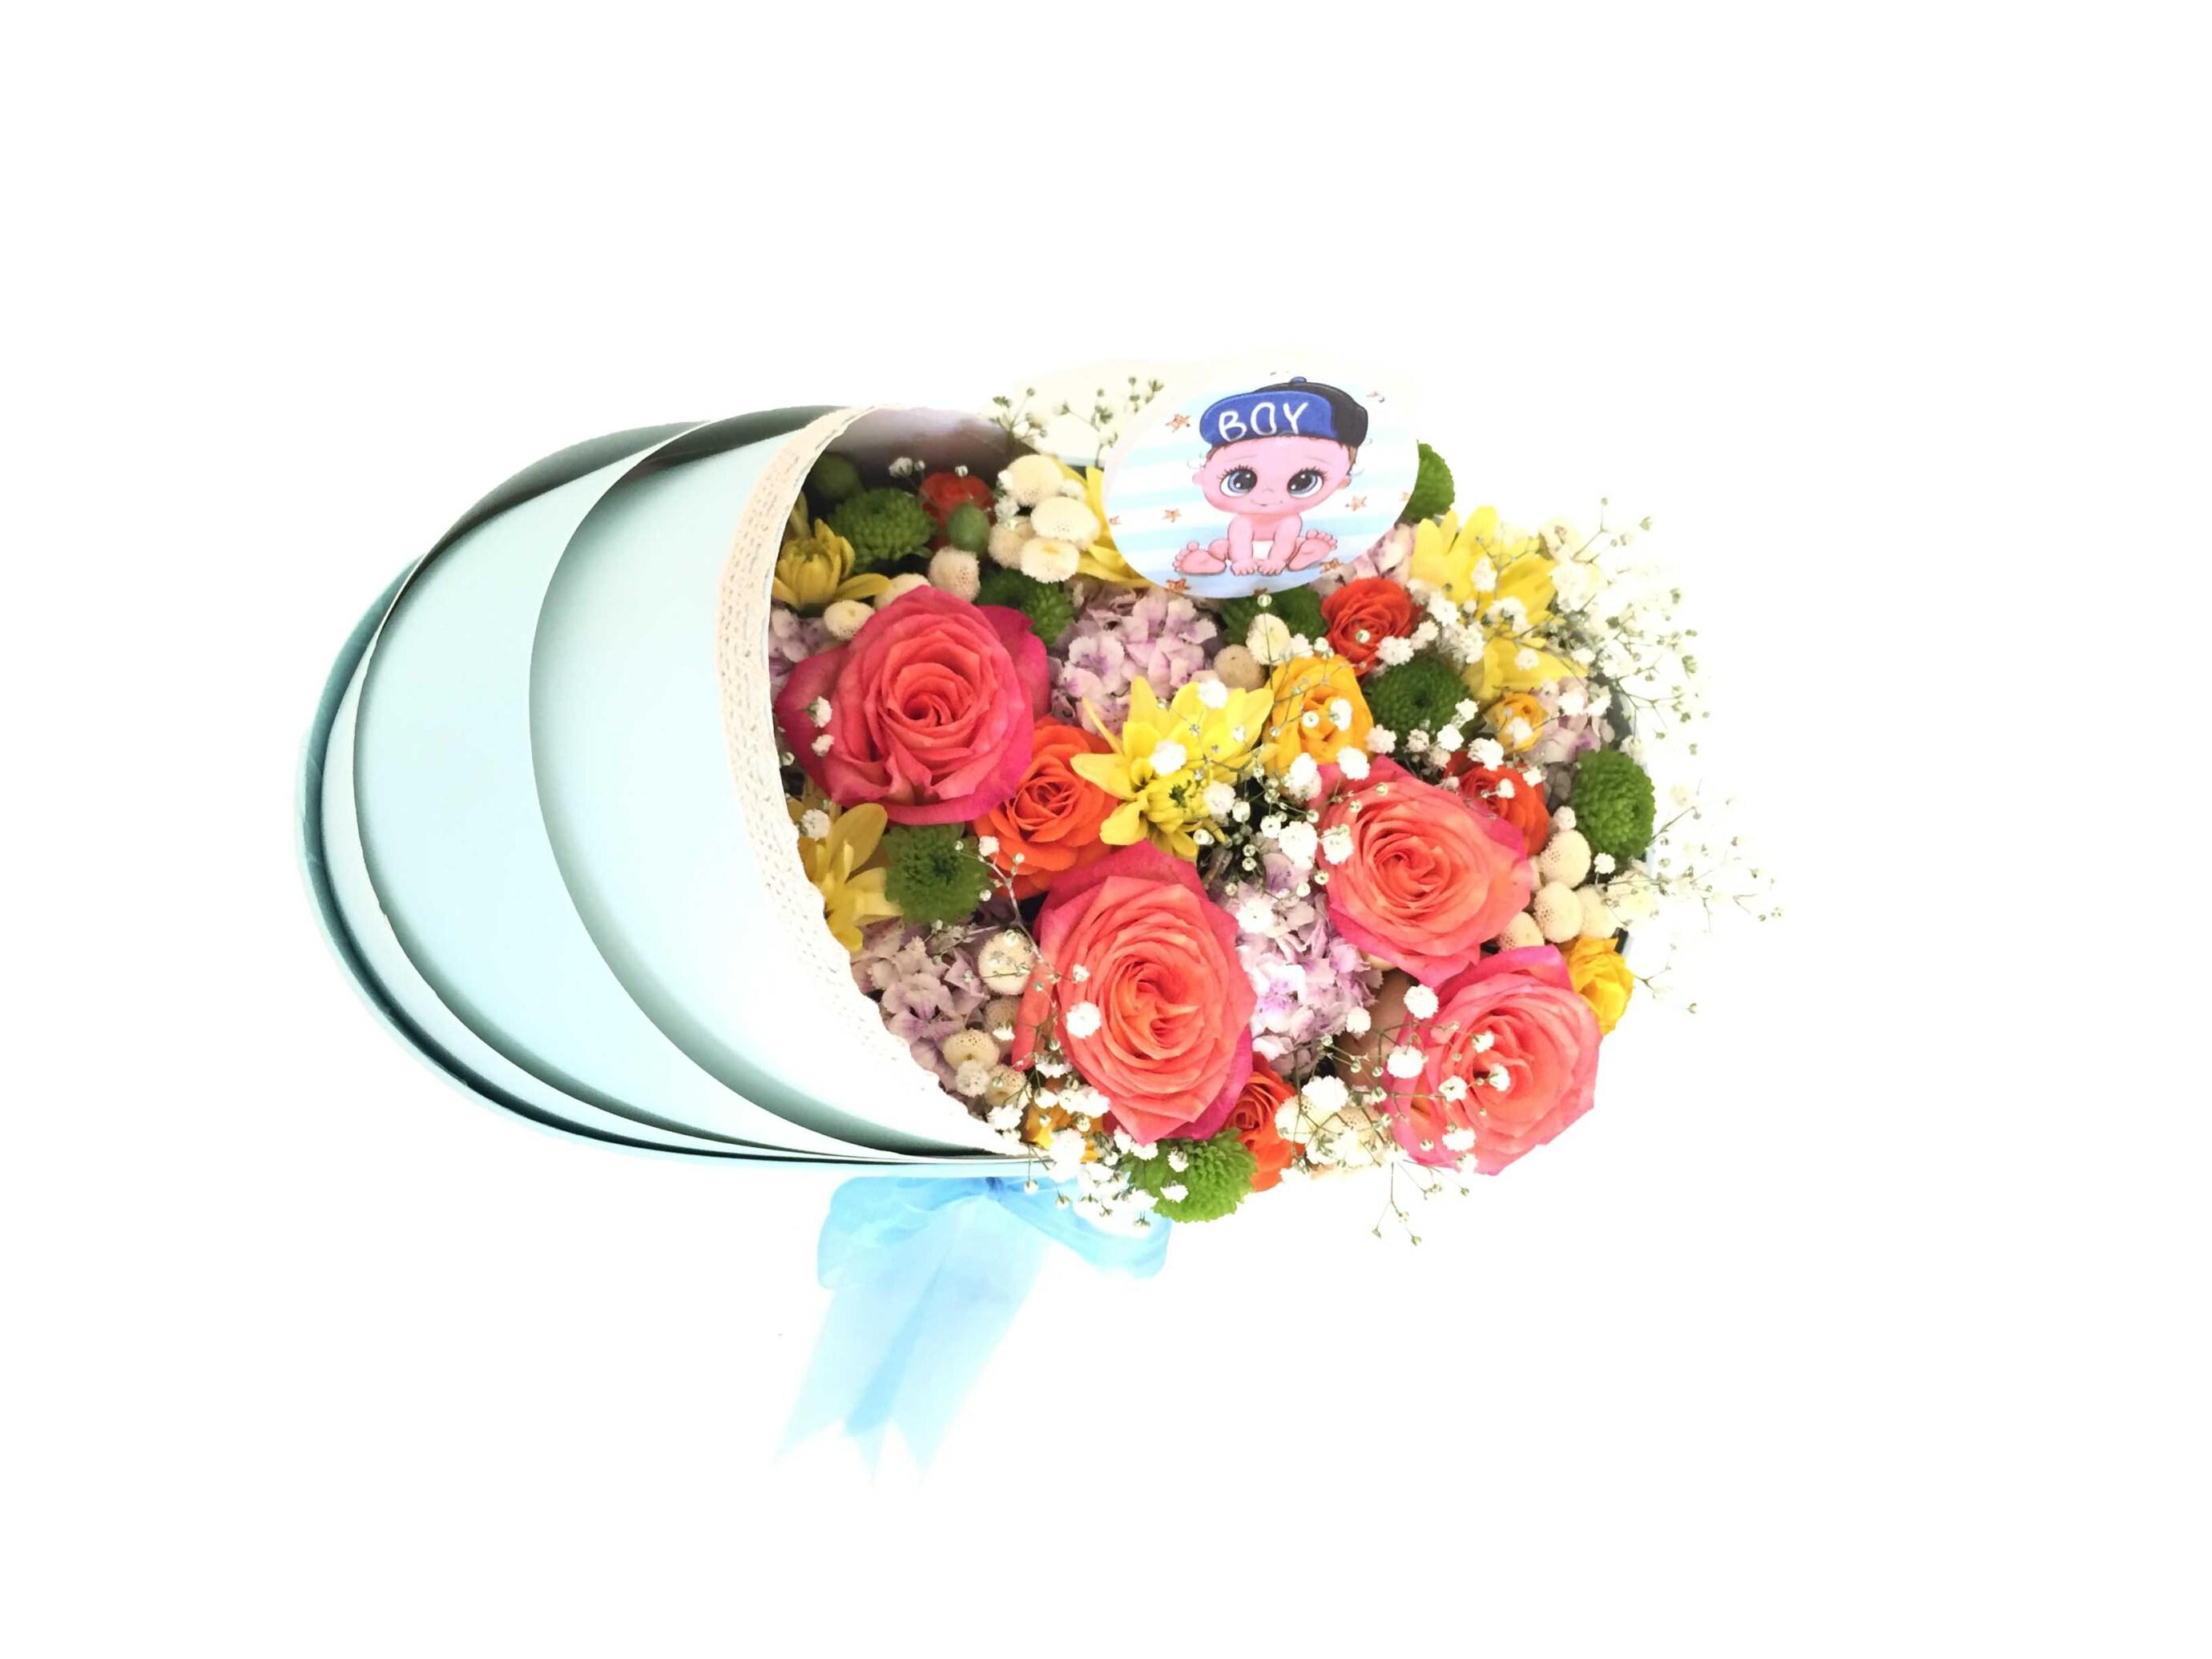 بازار آنلاین گل و گیاه گل ایرانی سفارش گهواره گل ارزان گهواره گل نوزاد